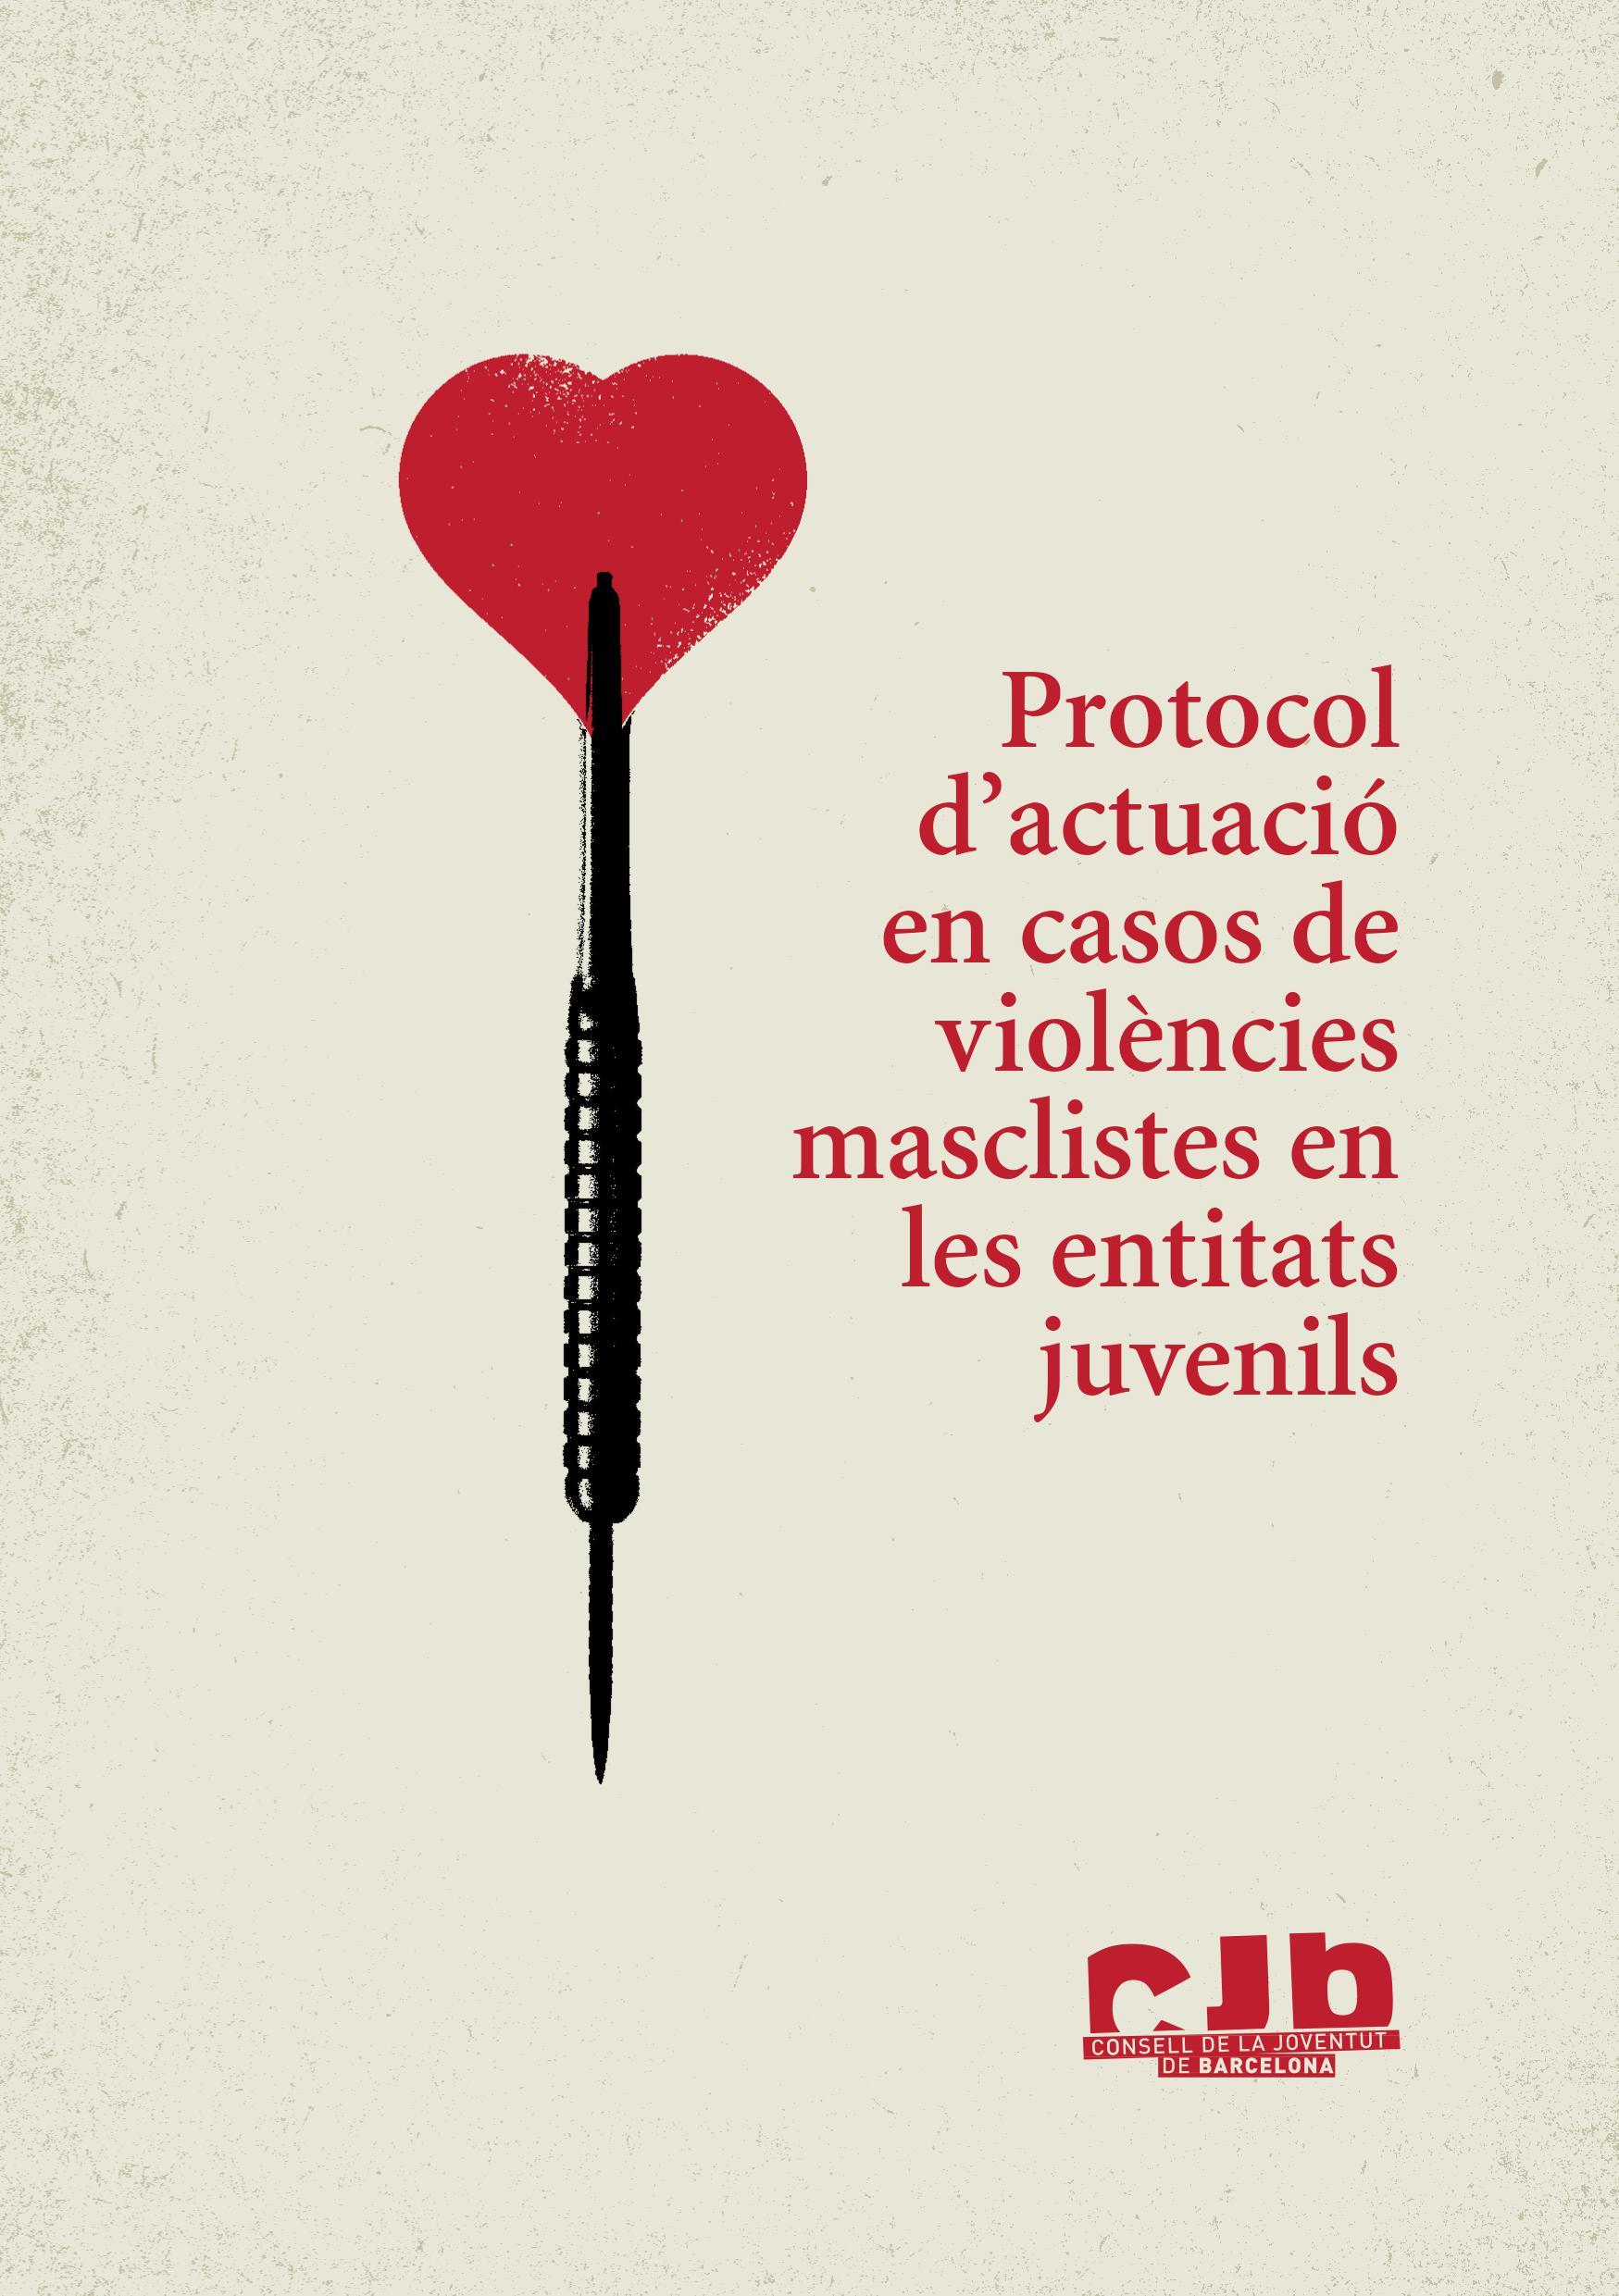 Portada del protocol d'actuació en casos de violències masclistes en les entitats juvenils